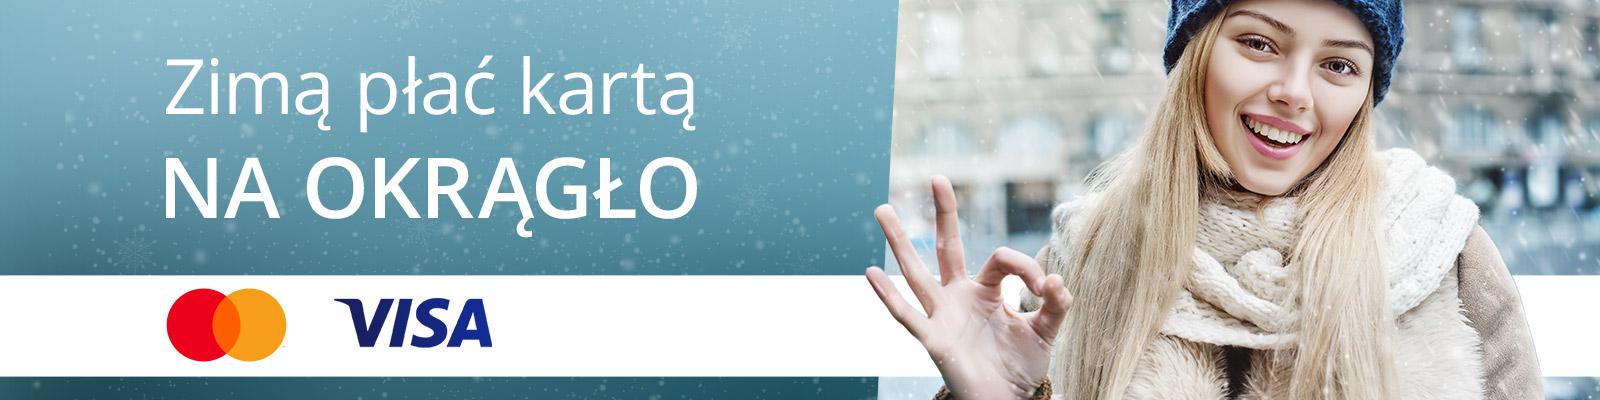 Plac Karta Na Allegro Bezpiecznie I Jednym Kliknieciem